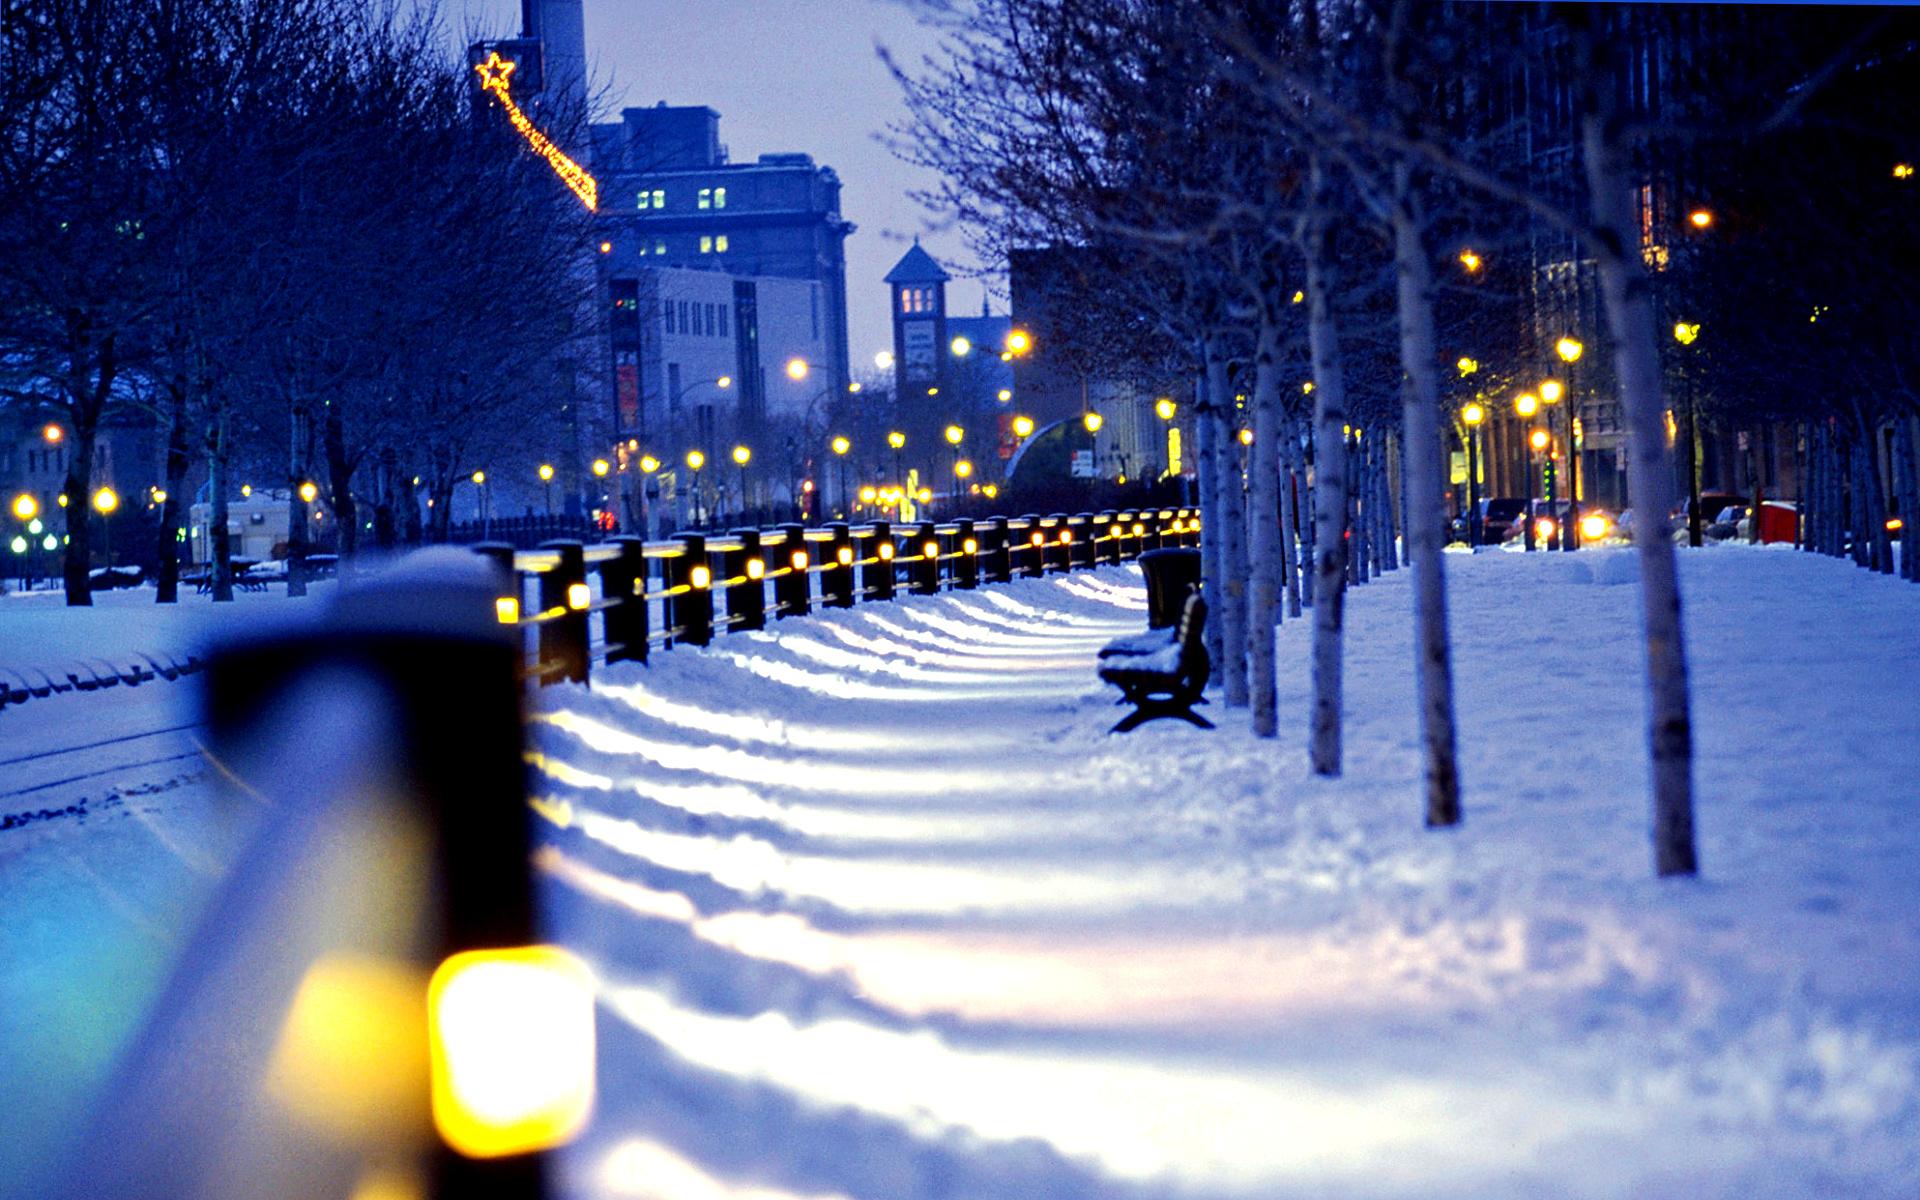 следующий картинки город зима ночь или нет снимать